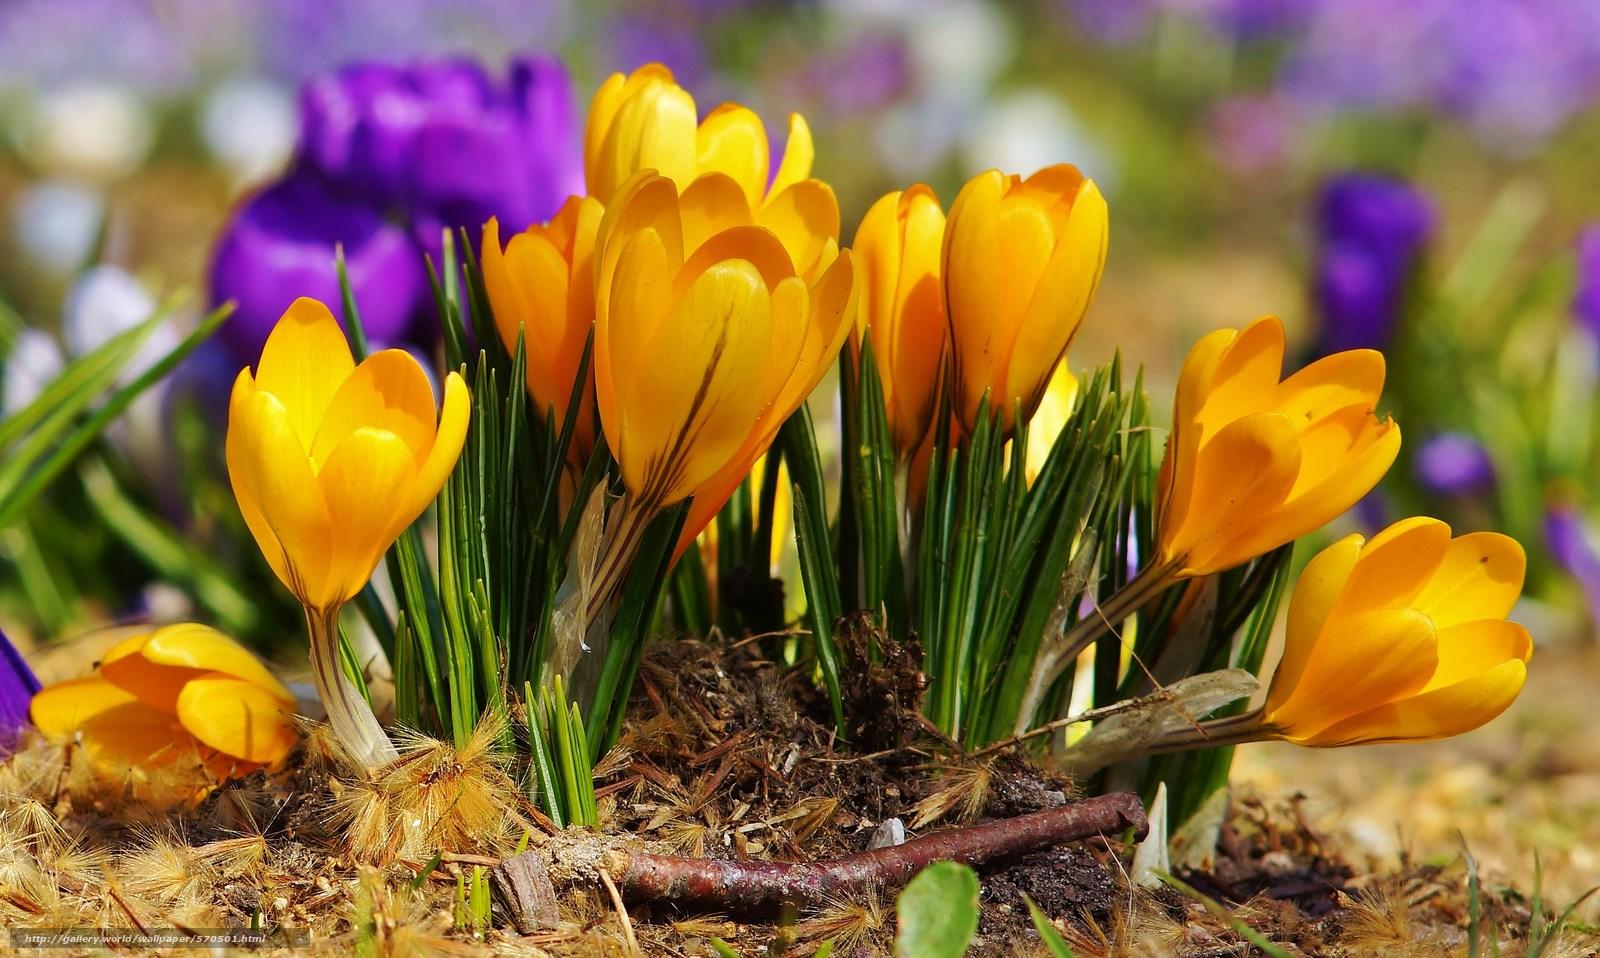 Scaricare gli sfondi viola fiori primavera giallo for Sfondi pc primavera